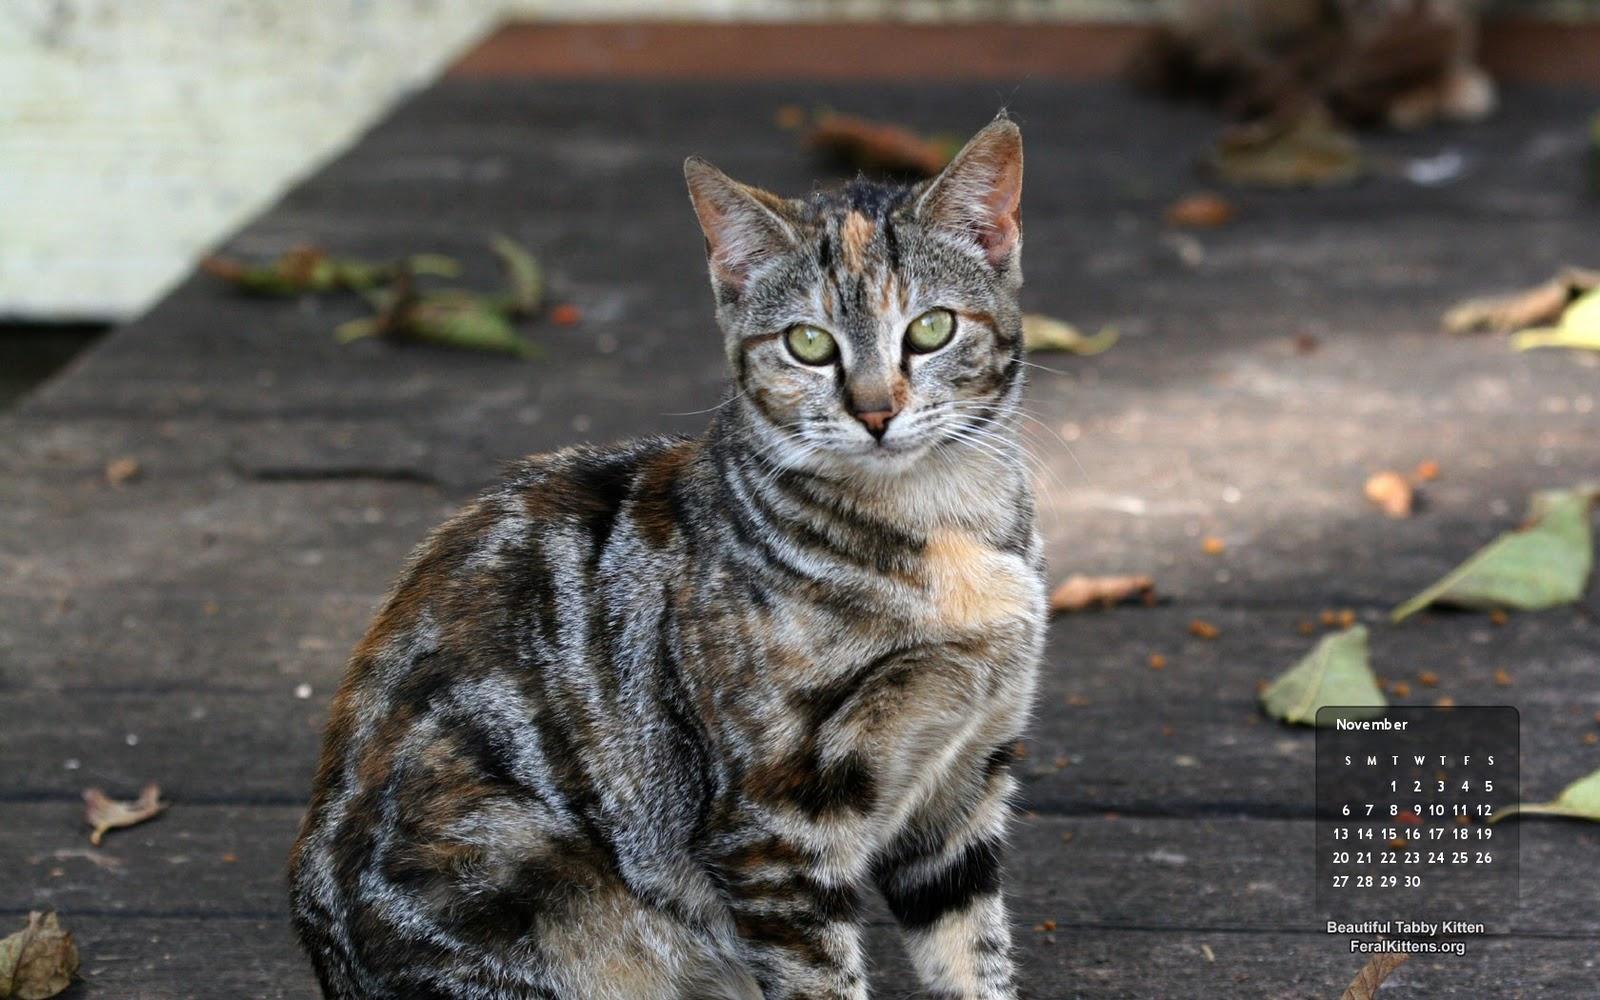 November Wallpaper Cat Beautiful Tabby Kitten